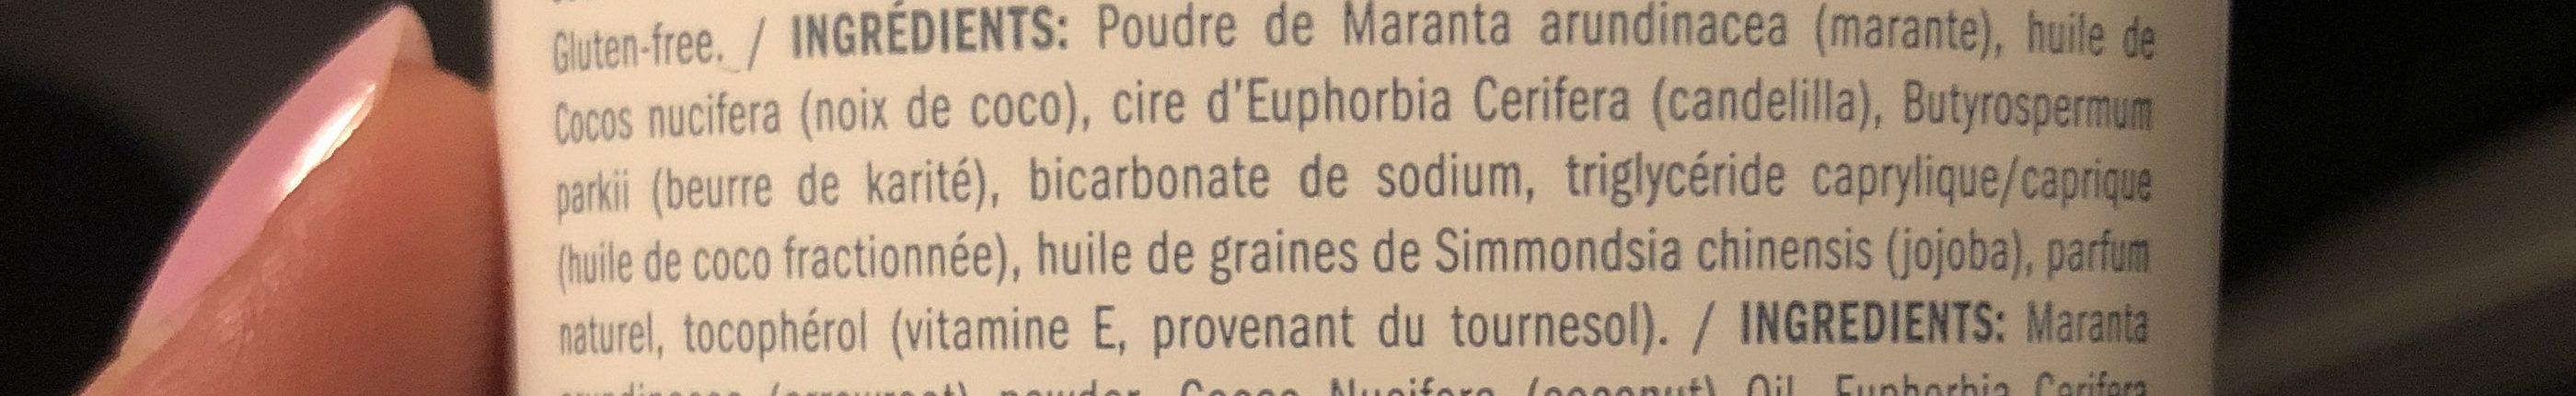 Beauté & Hygiène / Soins Du Corps / Déodorants - Ingredients - fr